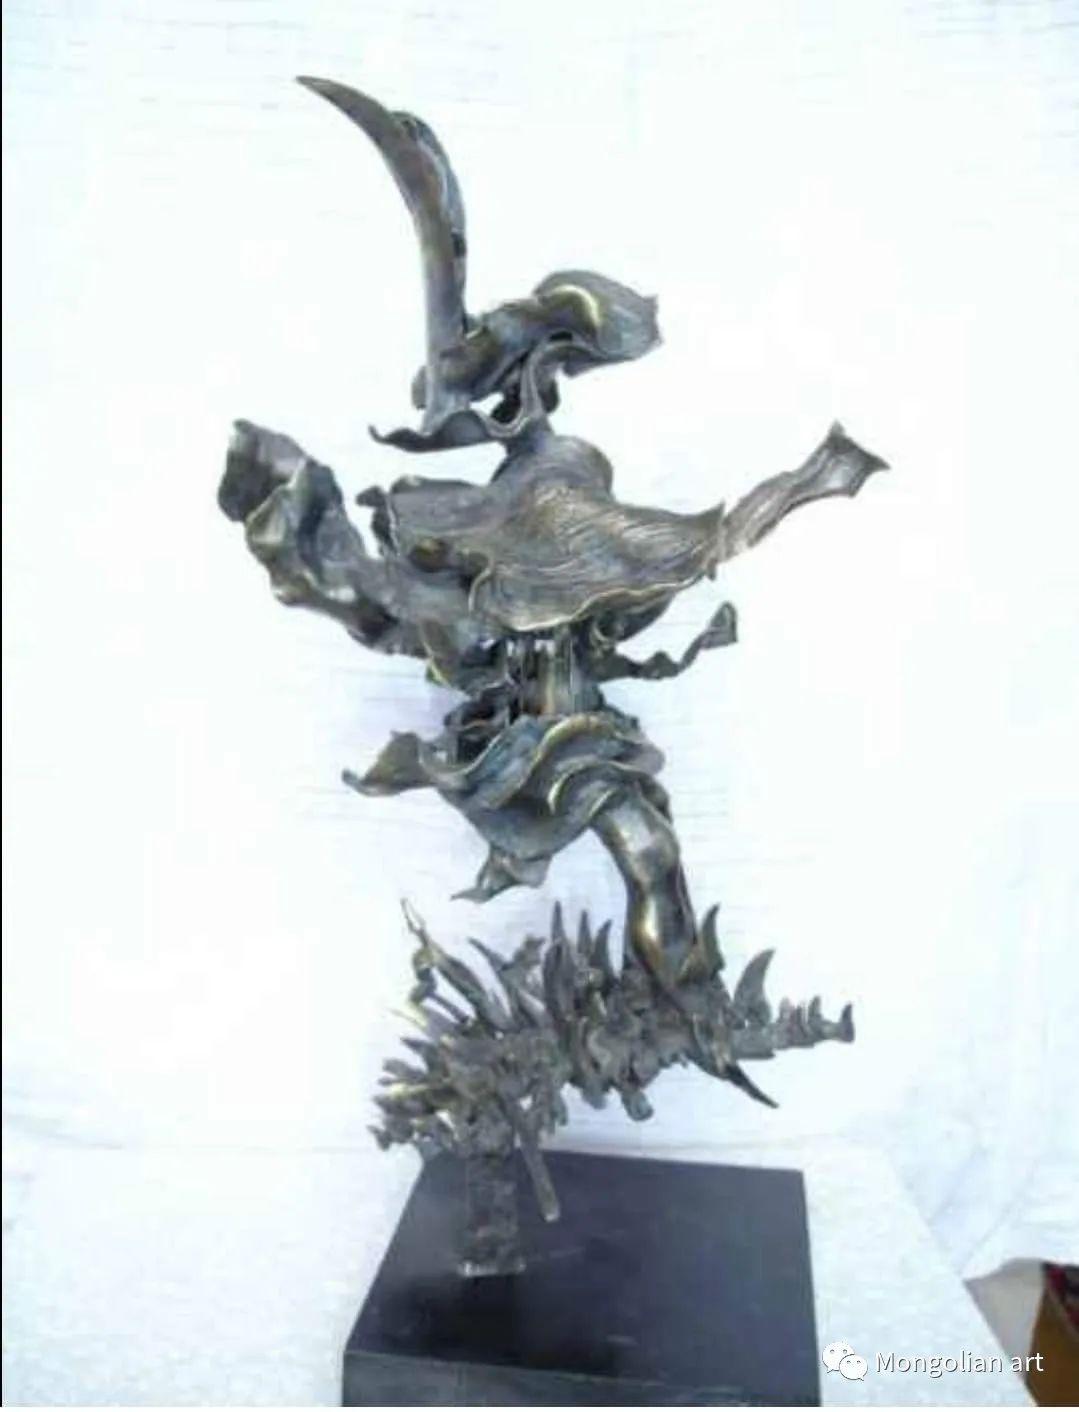 蒙古艺术博物馆获奖雕塑家Tuvdendorj Darzav 第24张 蒙古艺术博物馆获奖雕塑家Tuvdendorj Darzav 蒙古画廊